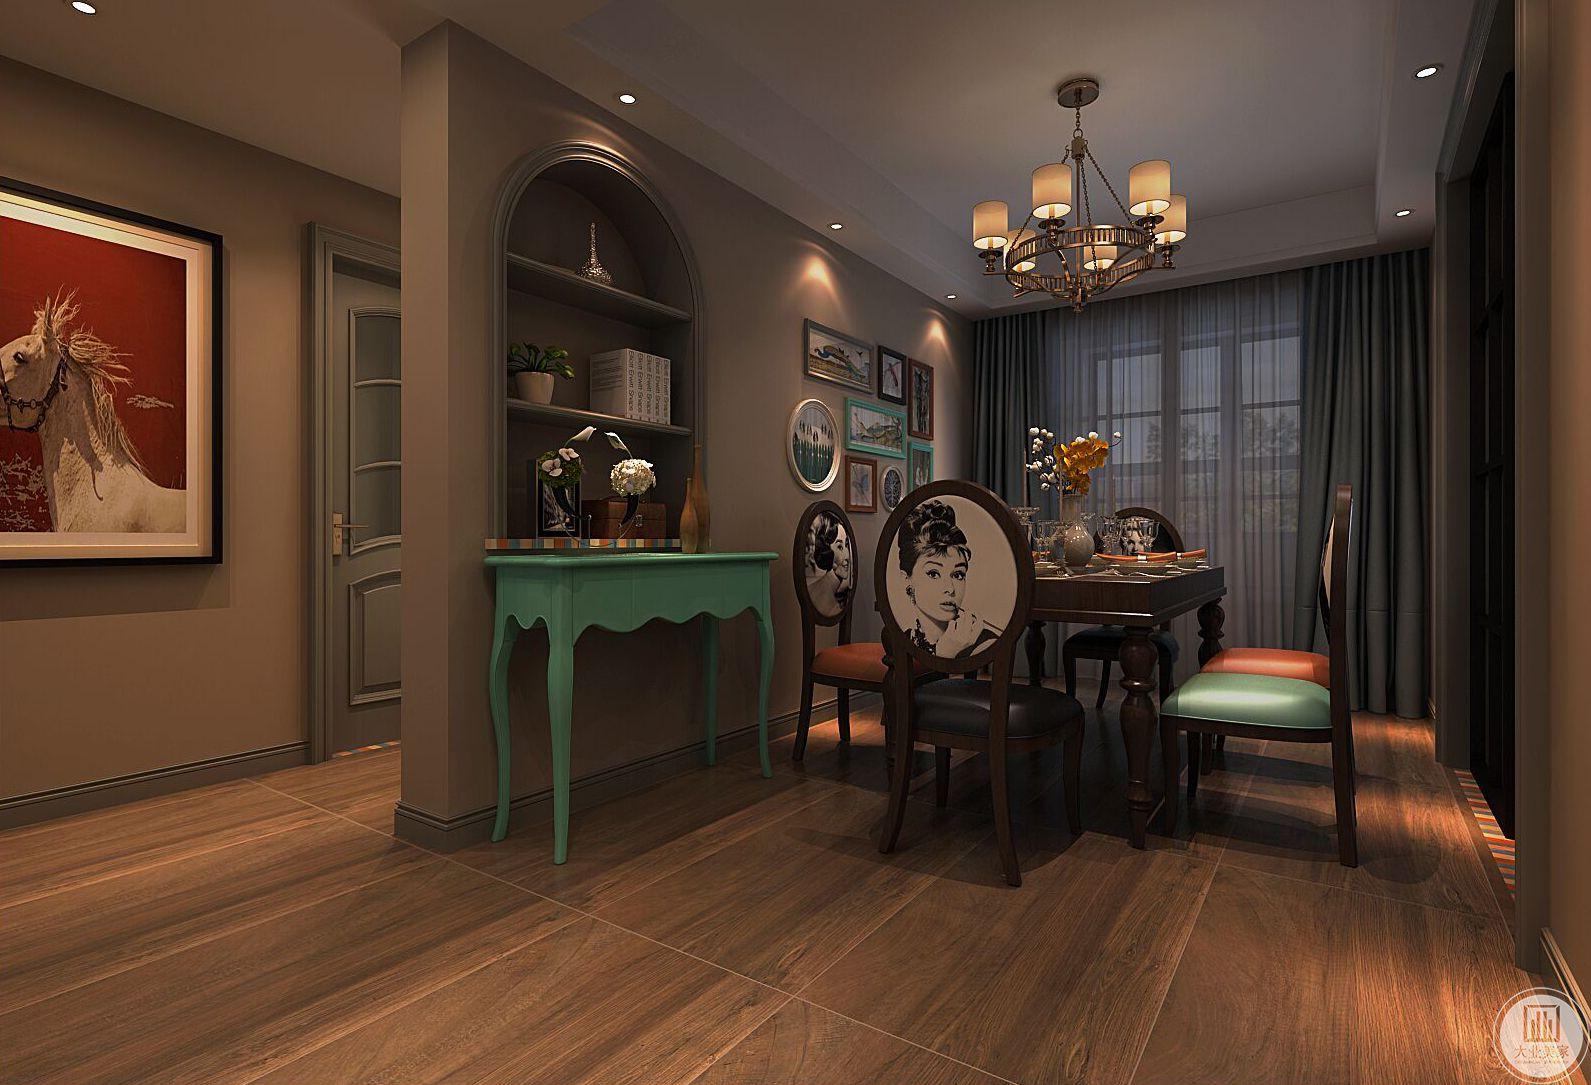 餐厅装修效果图:餐桌餐椅采用黑色木质,外侧绿色木质小桌。